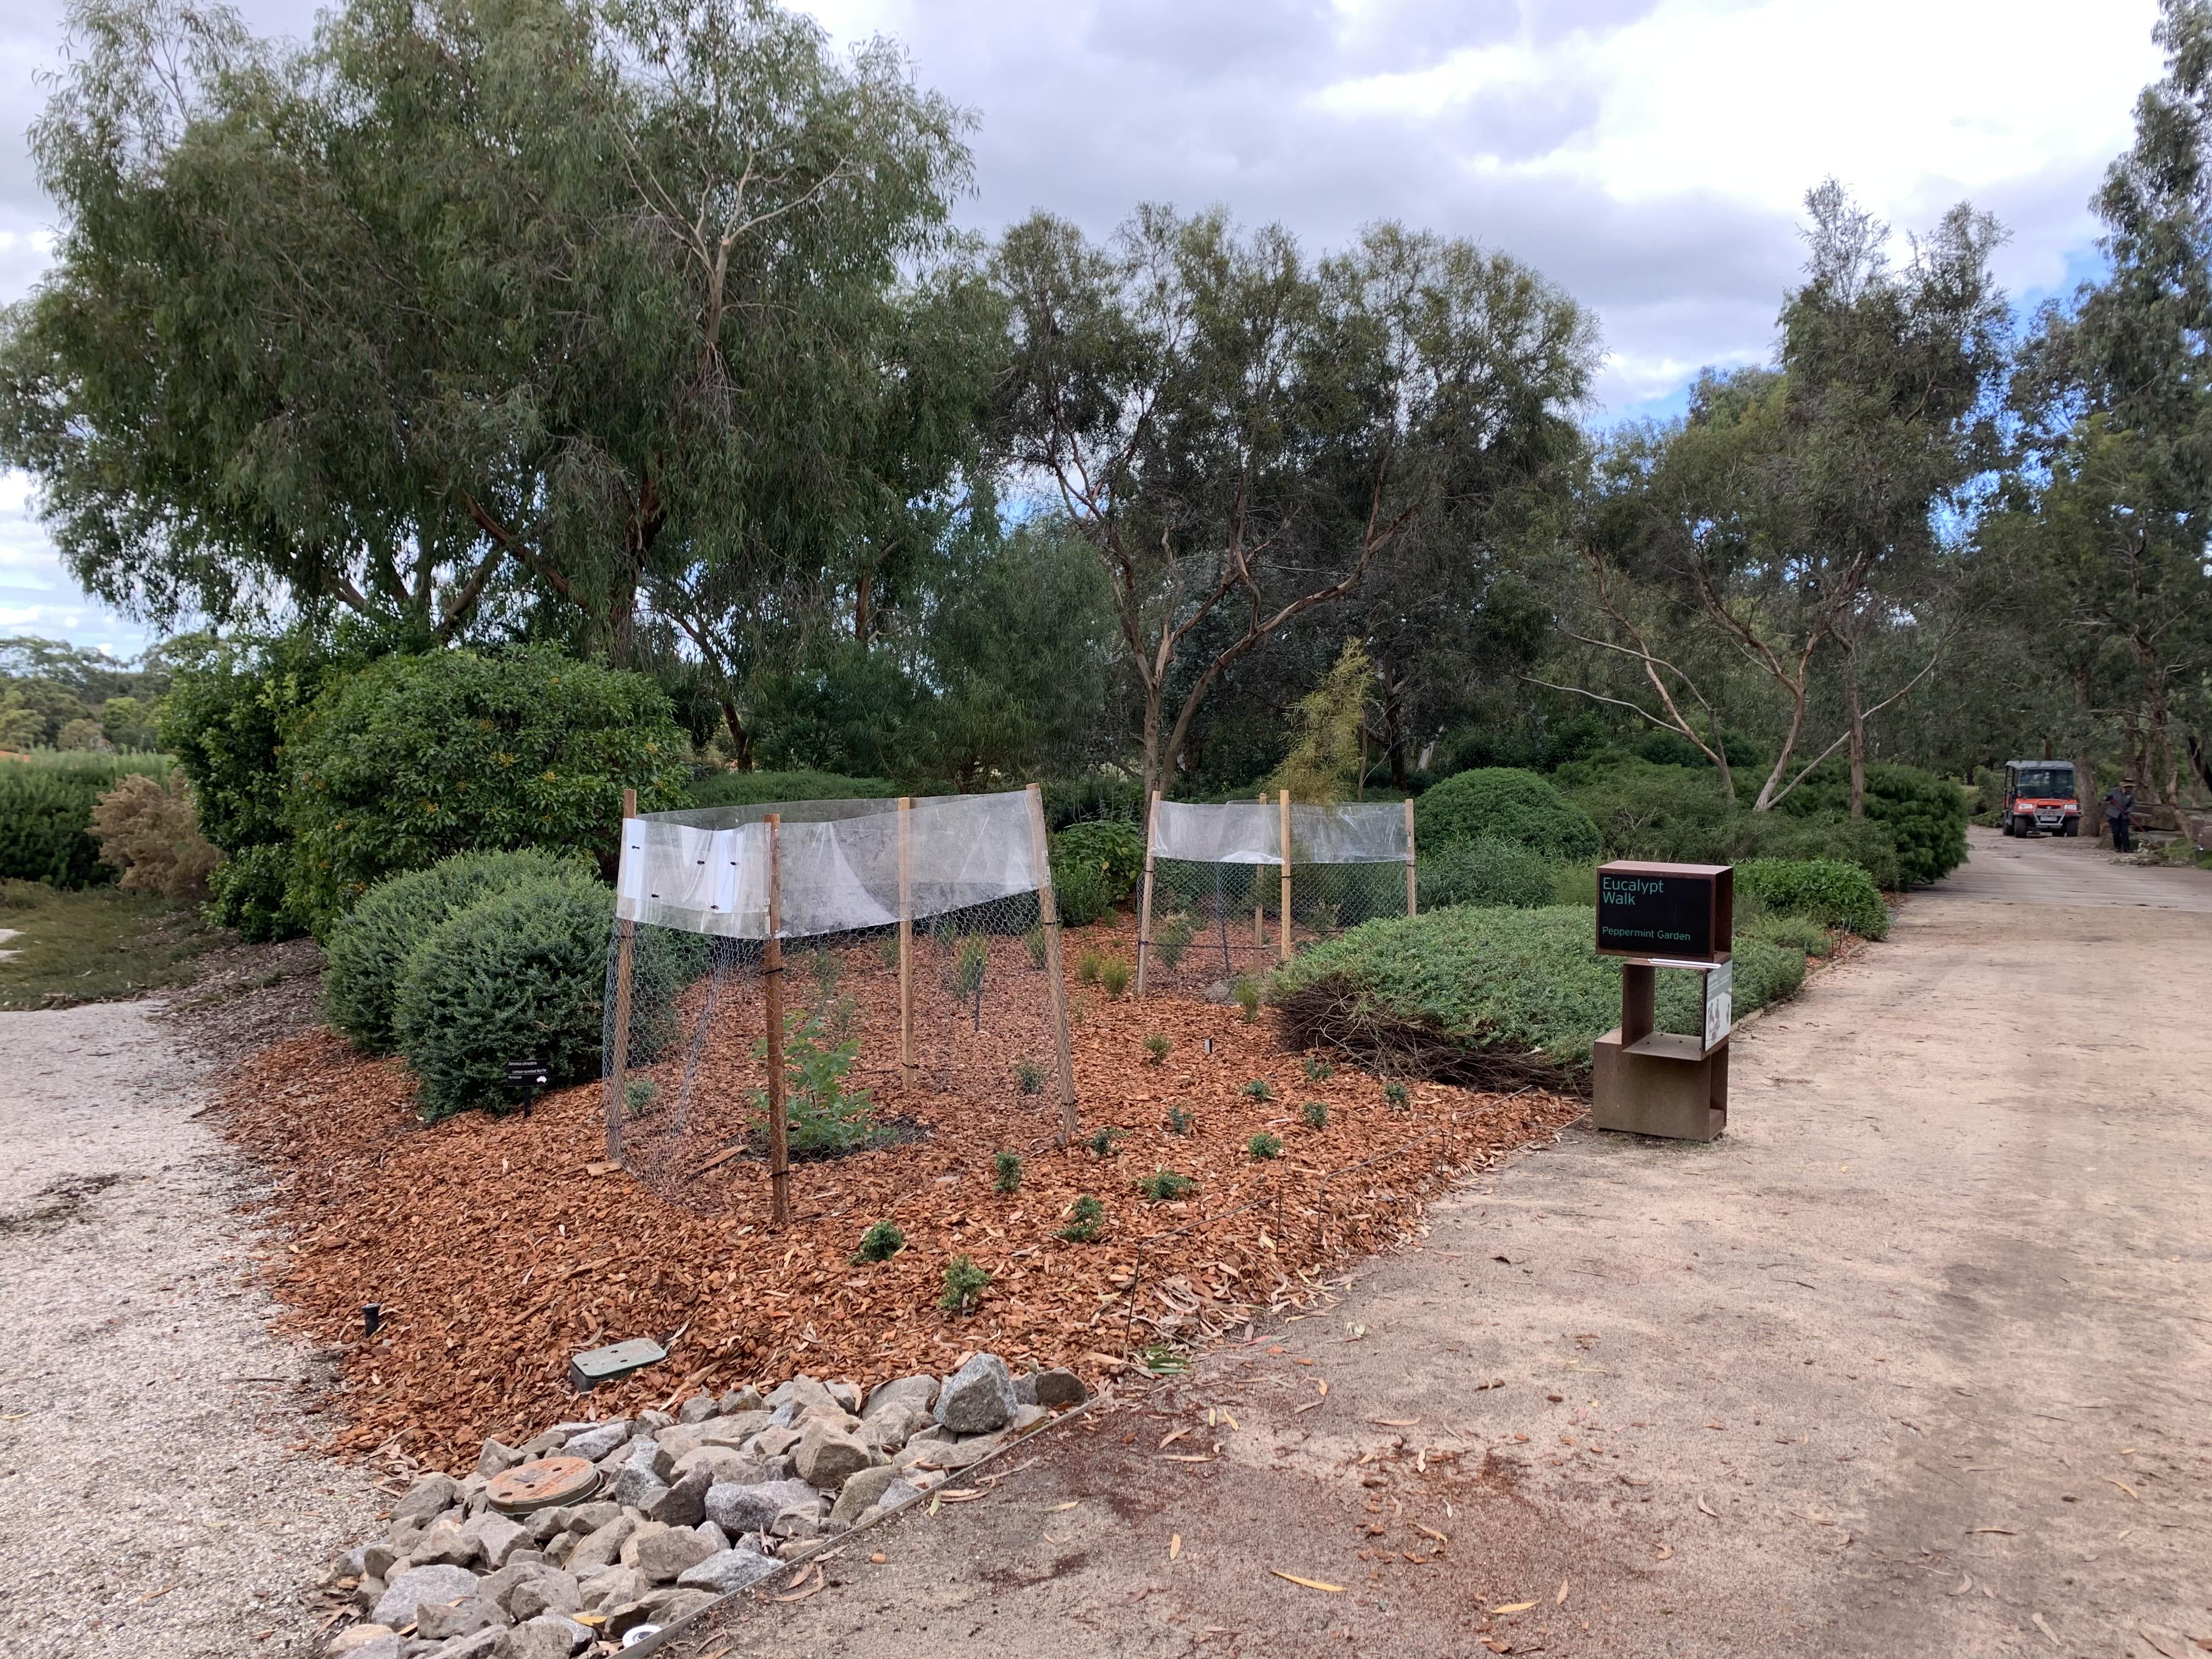 Gardens Reopen